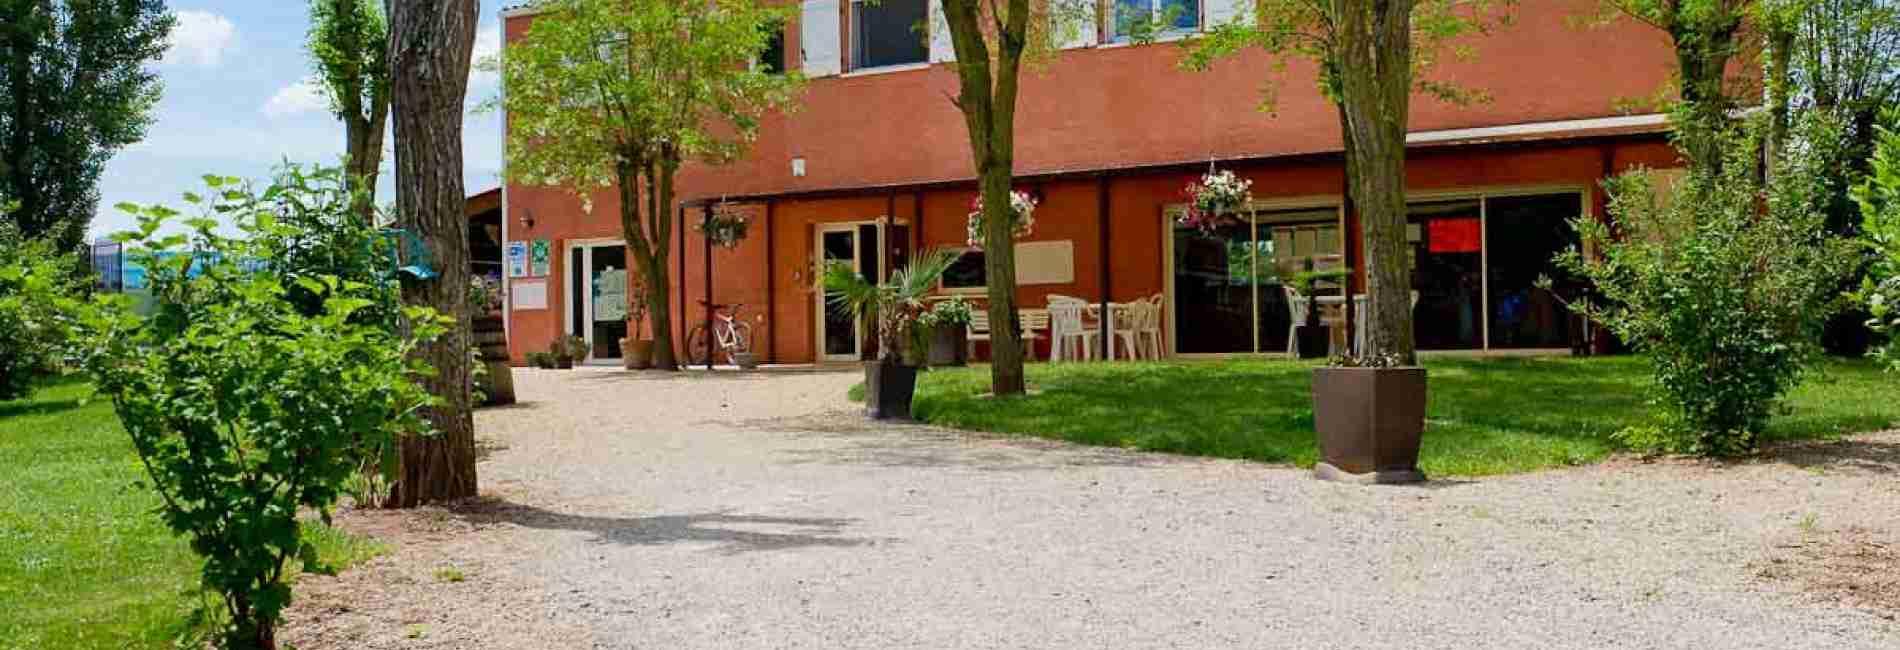 accueil_et_salle_commune-village-de-gites.jpg